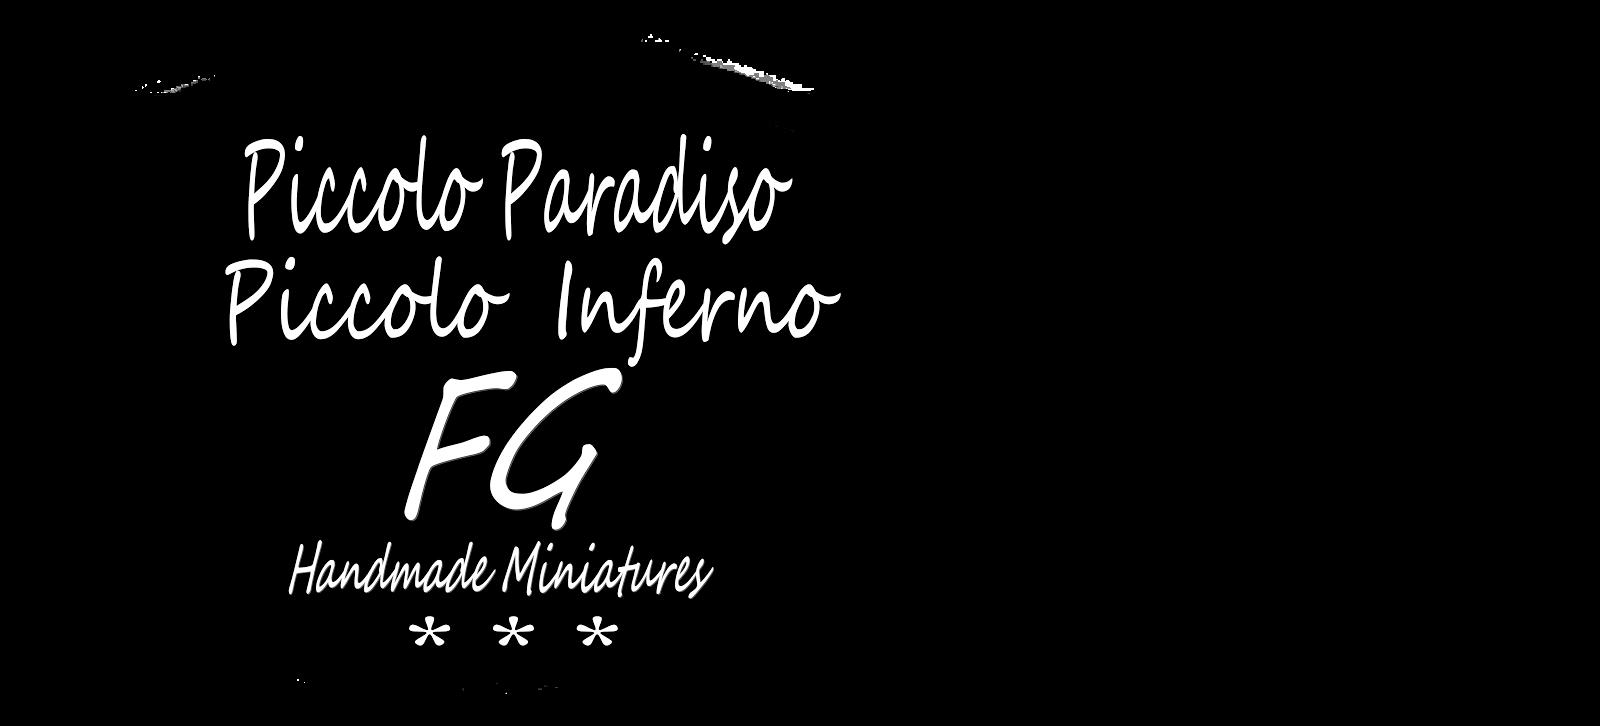 Piccolo Paradiso & Piccolo Inferno FG